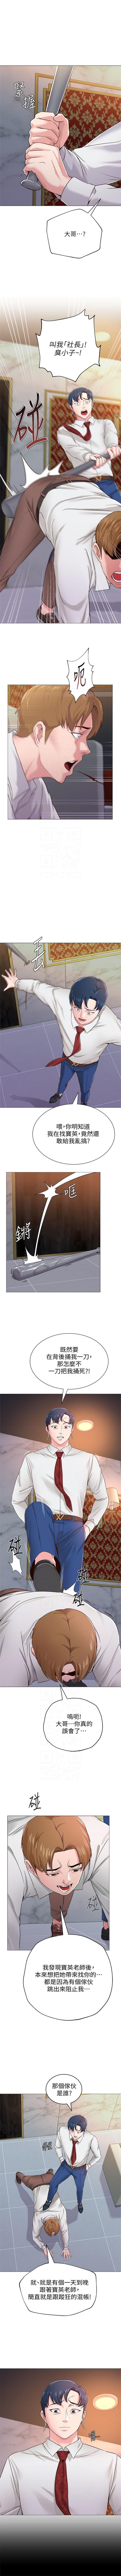 (周3)老师 1-56 中文翻译(更新中) 260